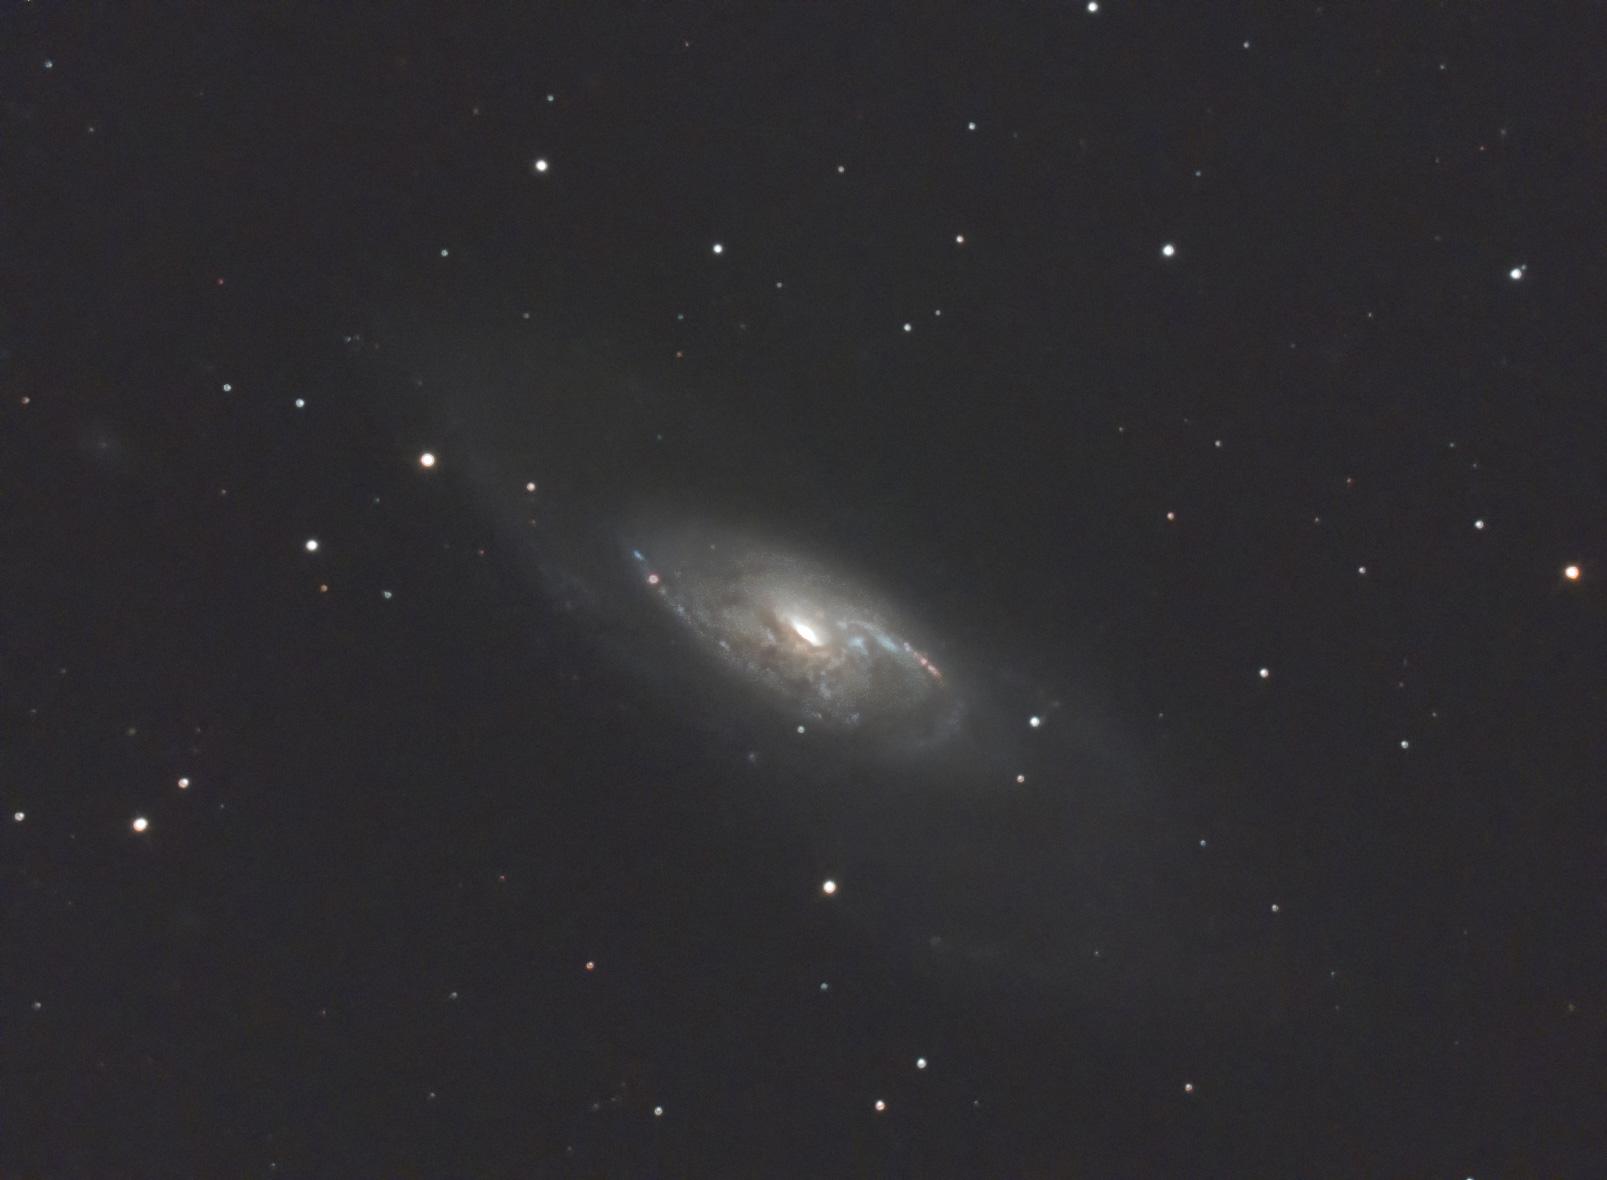 系外銀河 M106 (処理を途中で放棄)